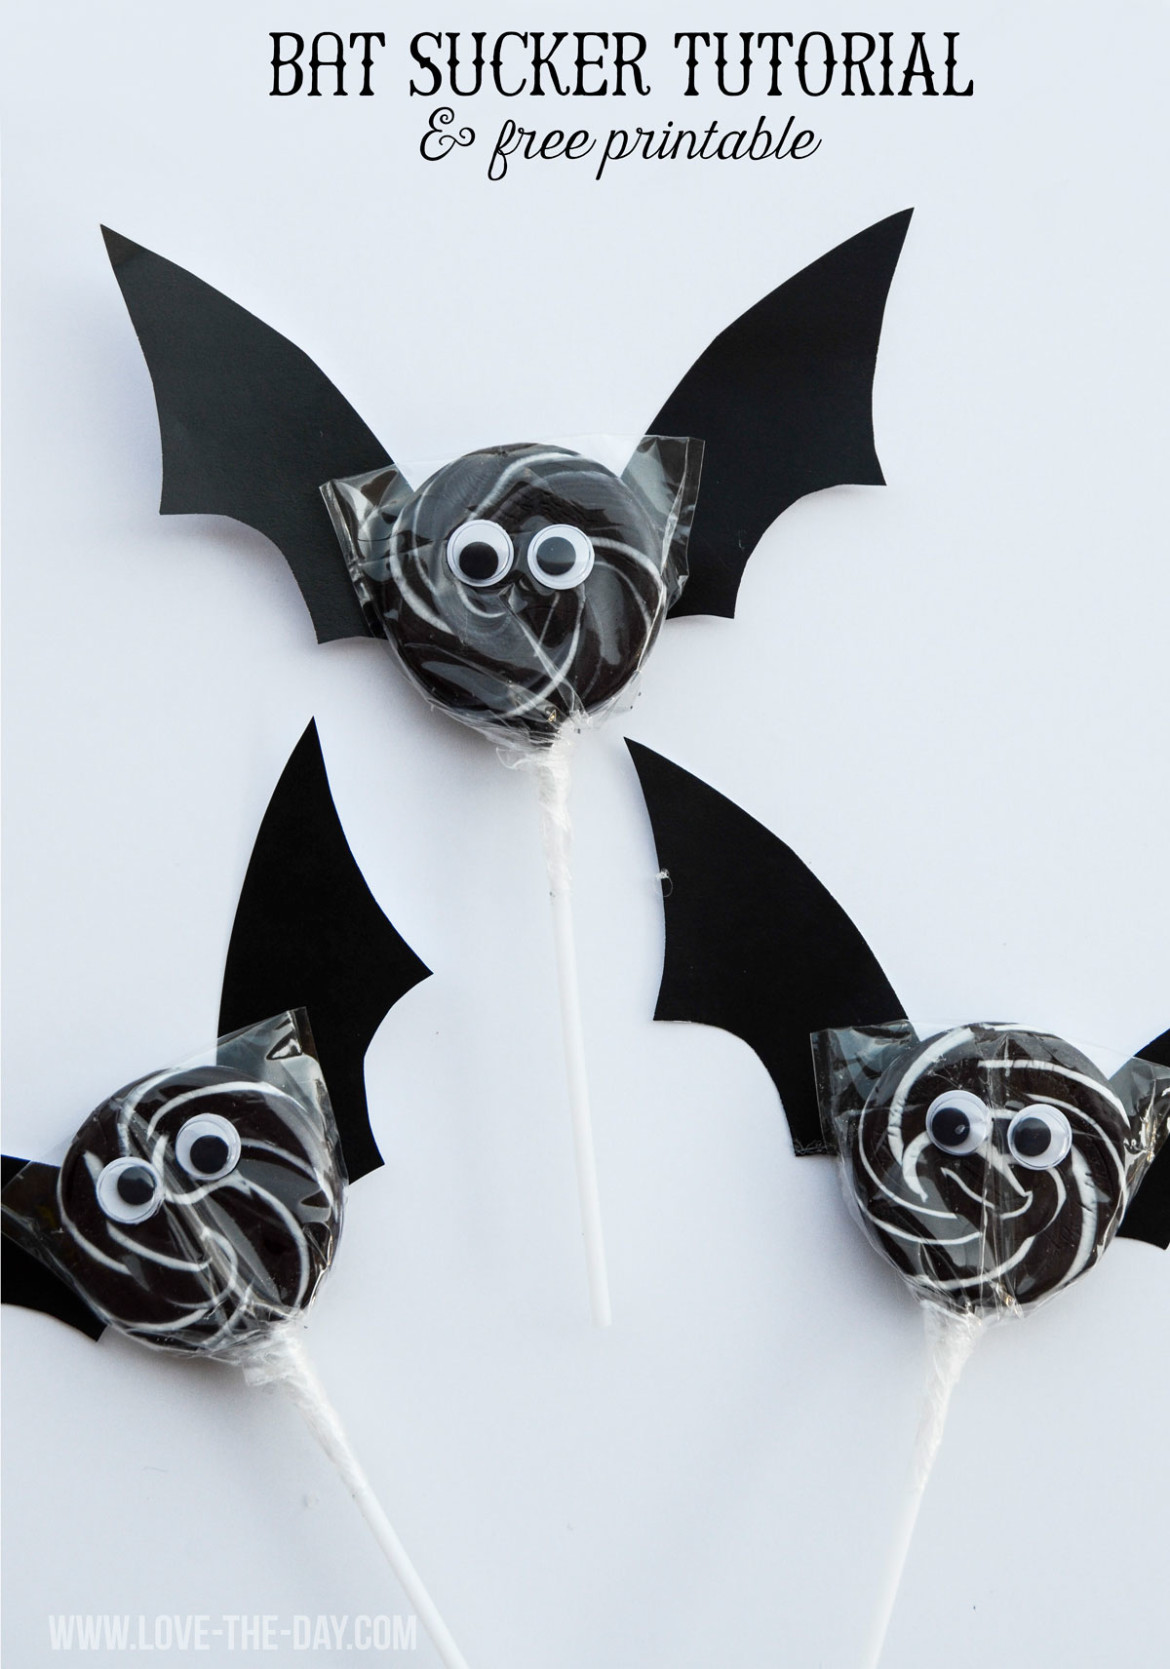 Bat Suckers